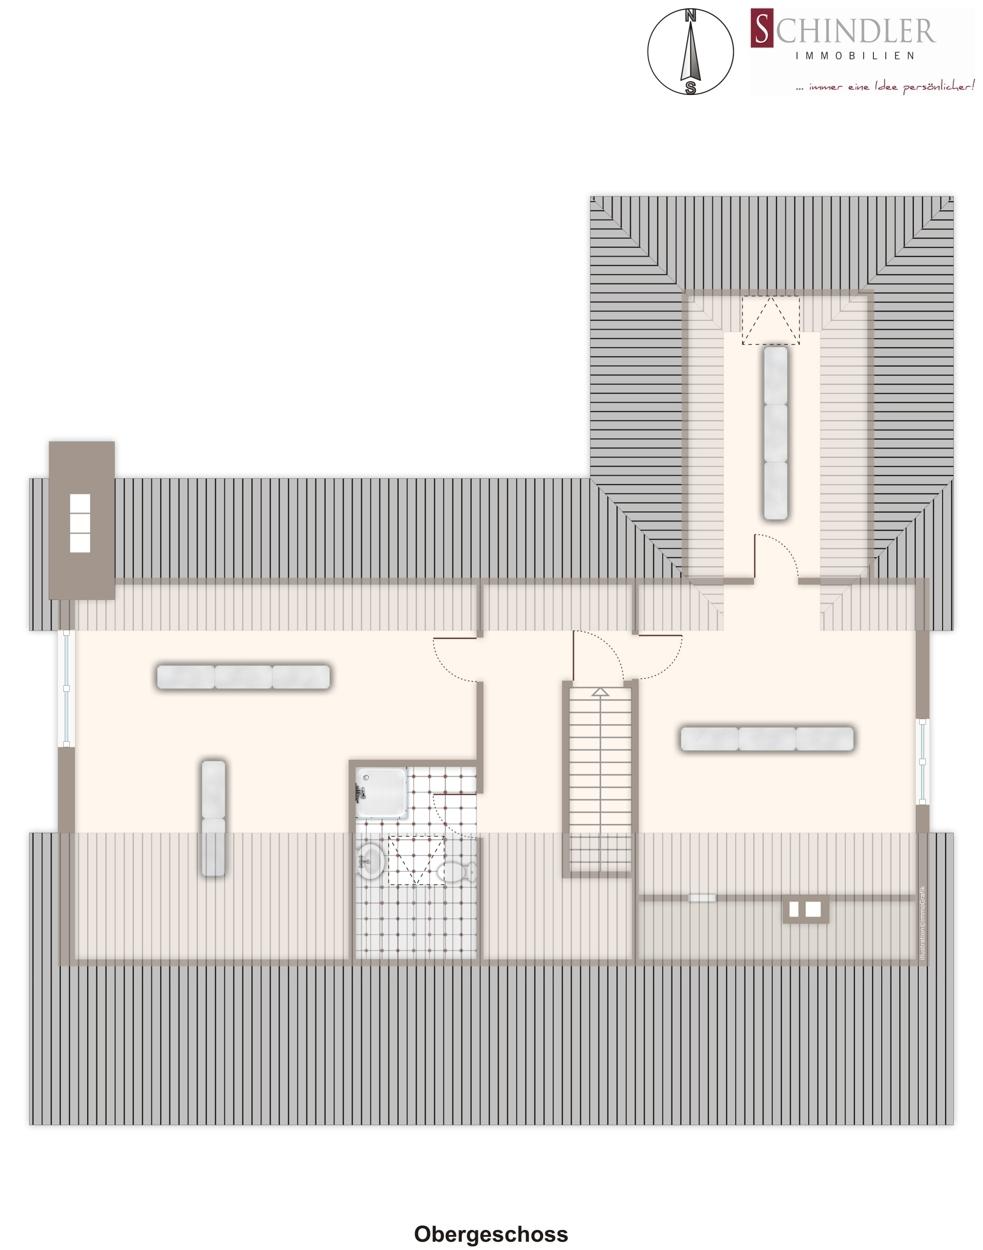 immoGrafik_255760202003-Hainhaus-Obergeschoss_DIN_A4_Druck(1)